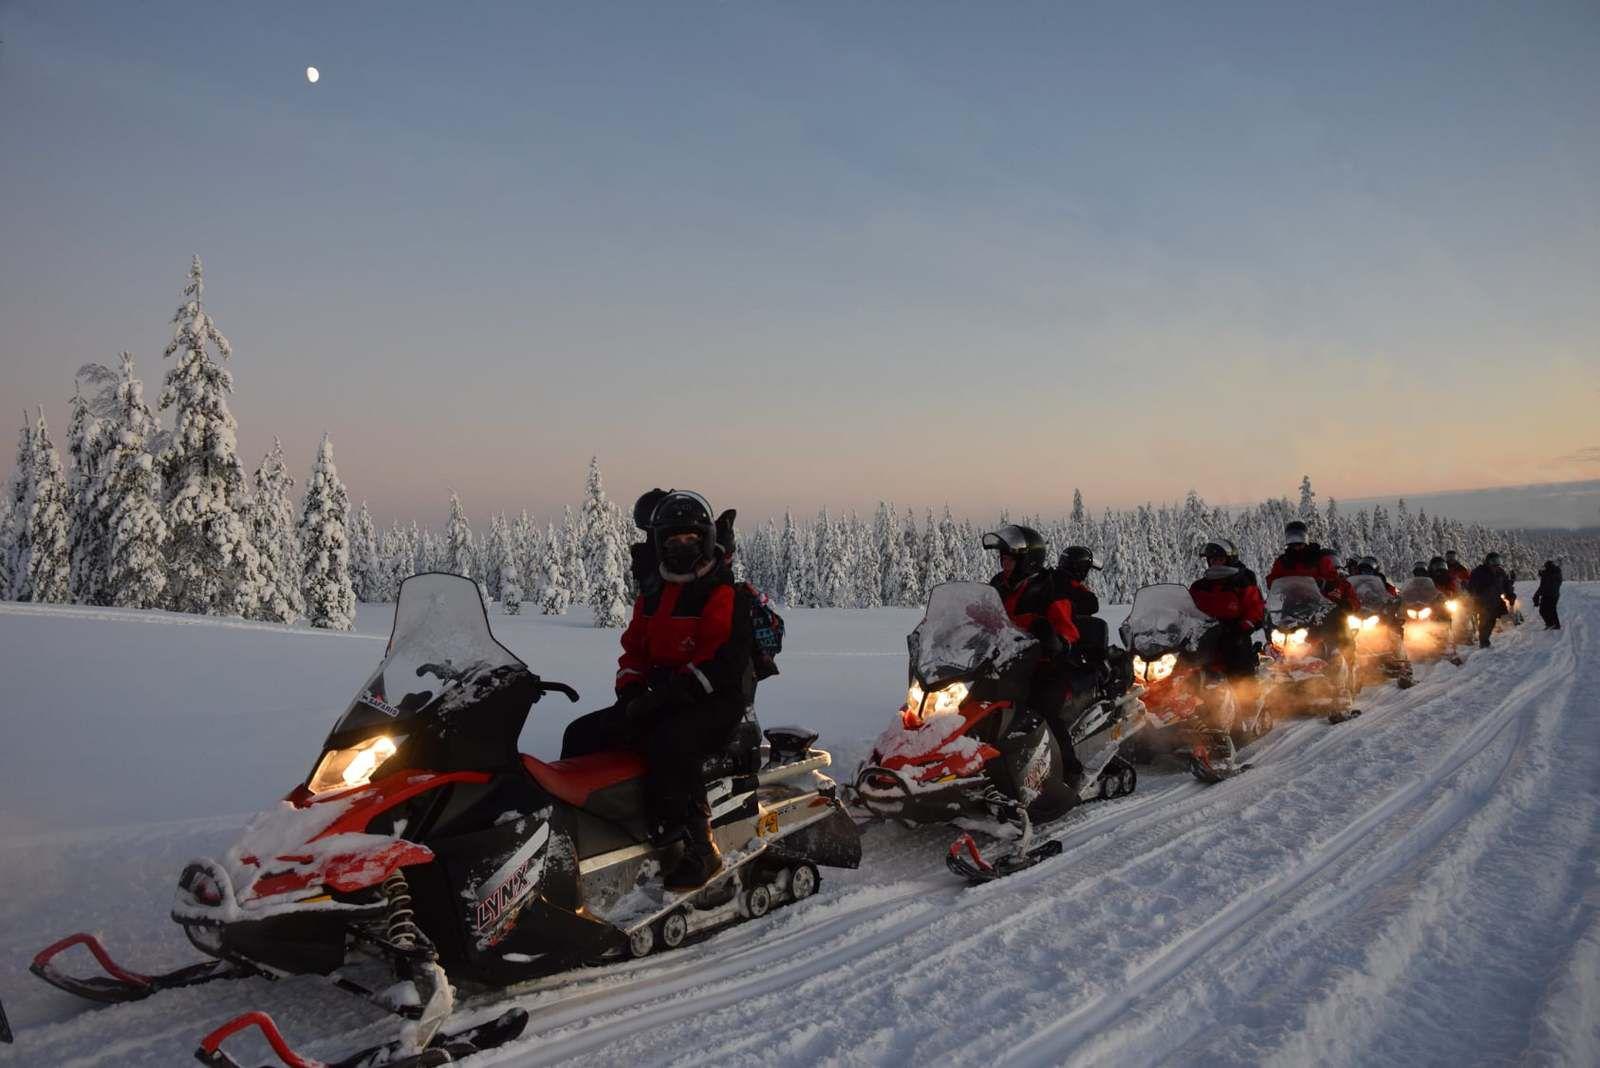 La nuit tombe vite près du cercle arctique